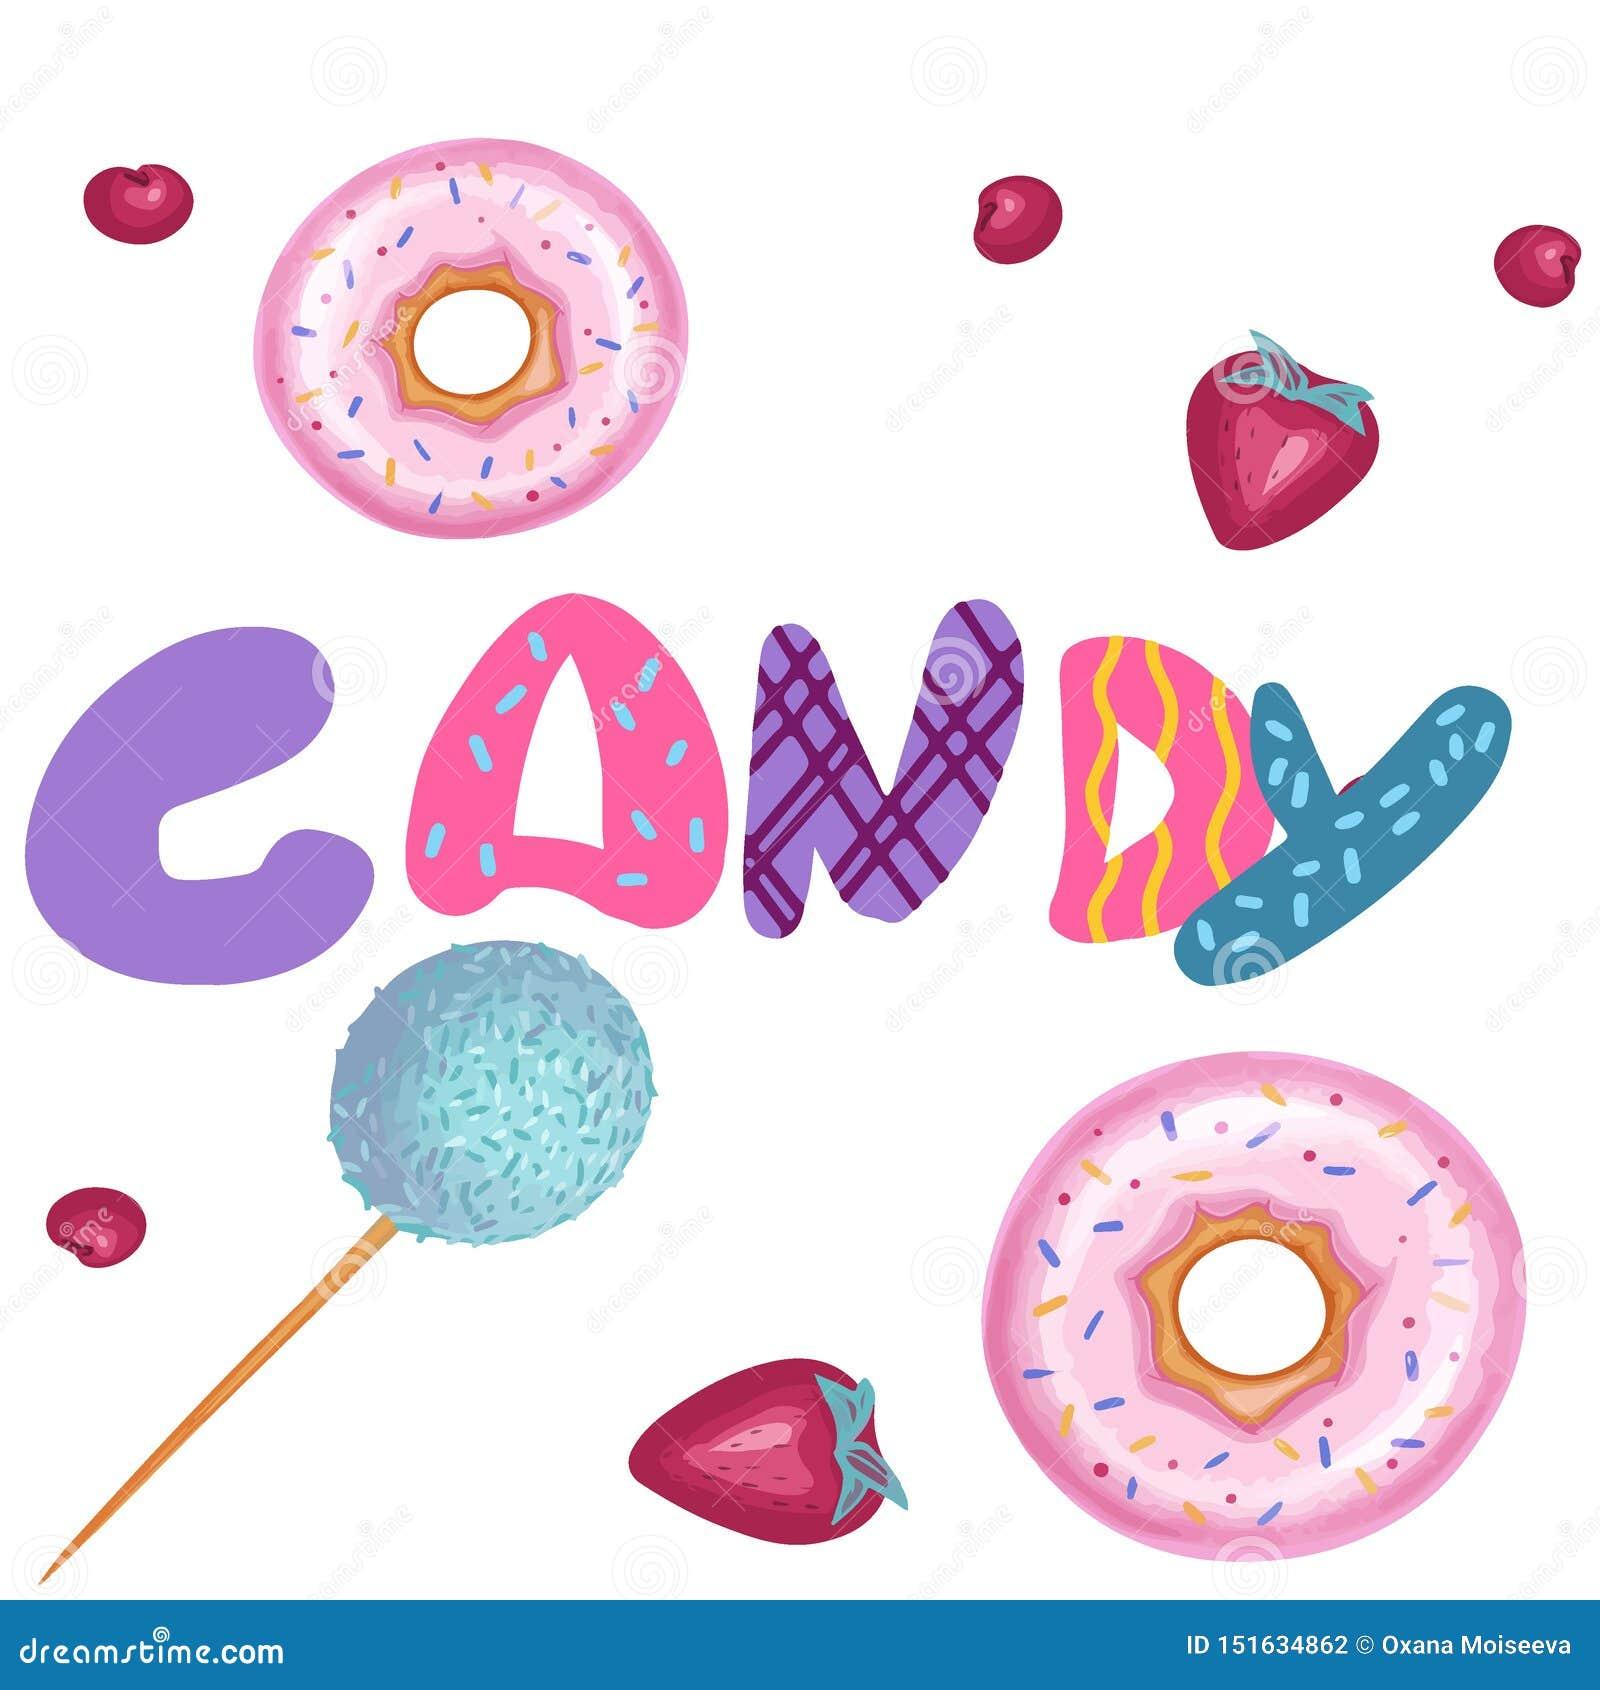 Summer food illustration, set of candy bar.